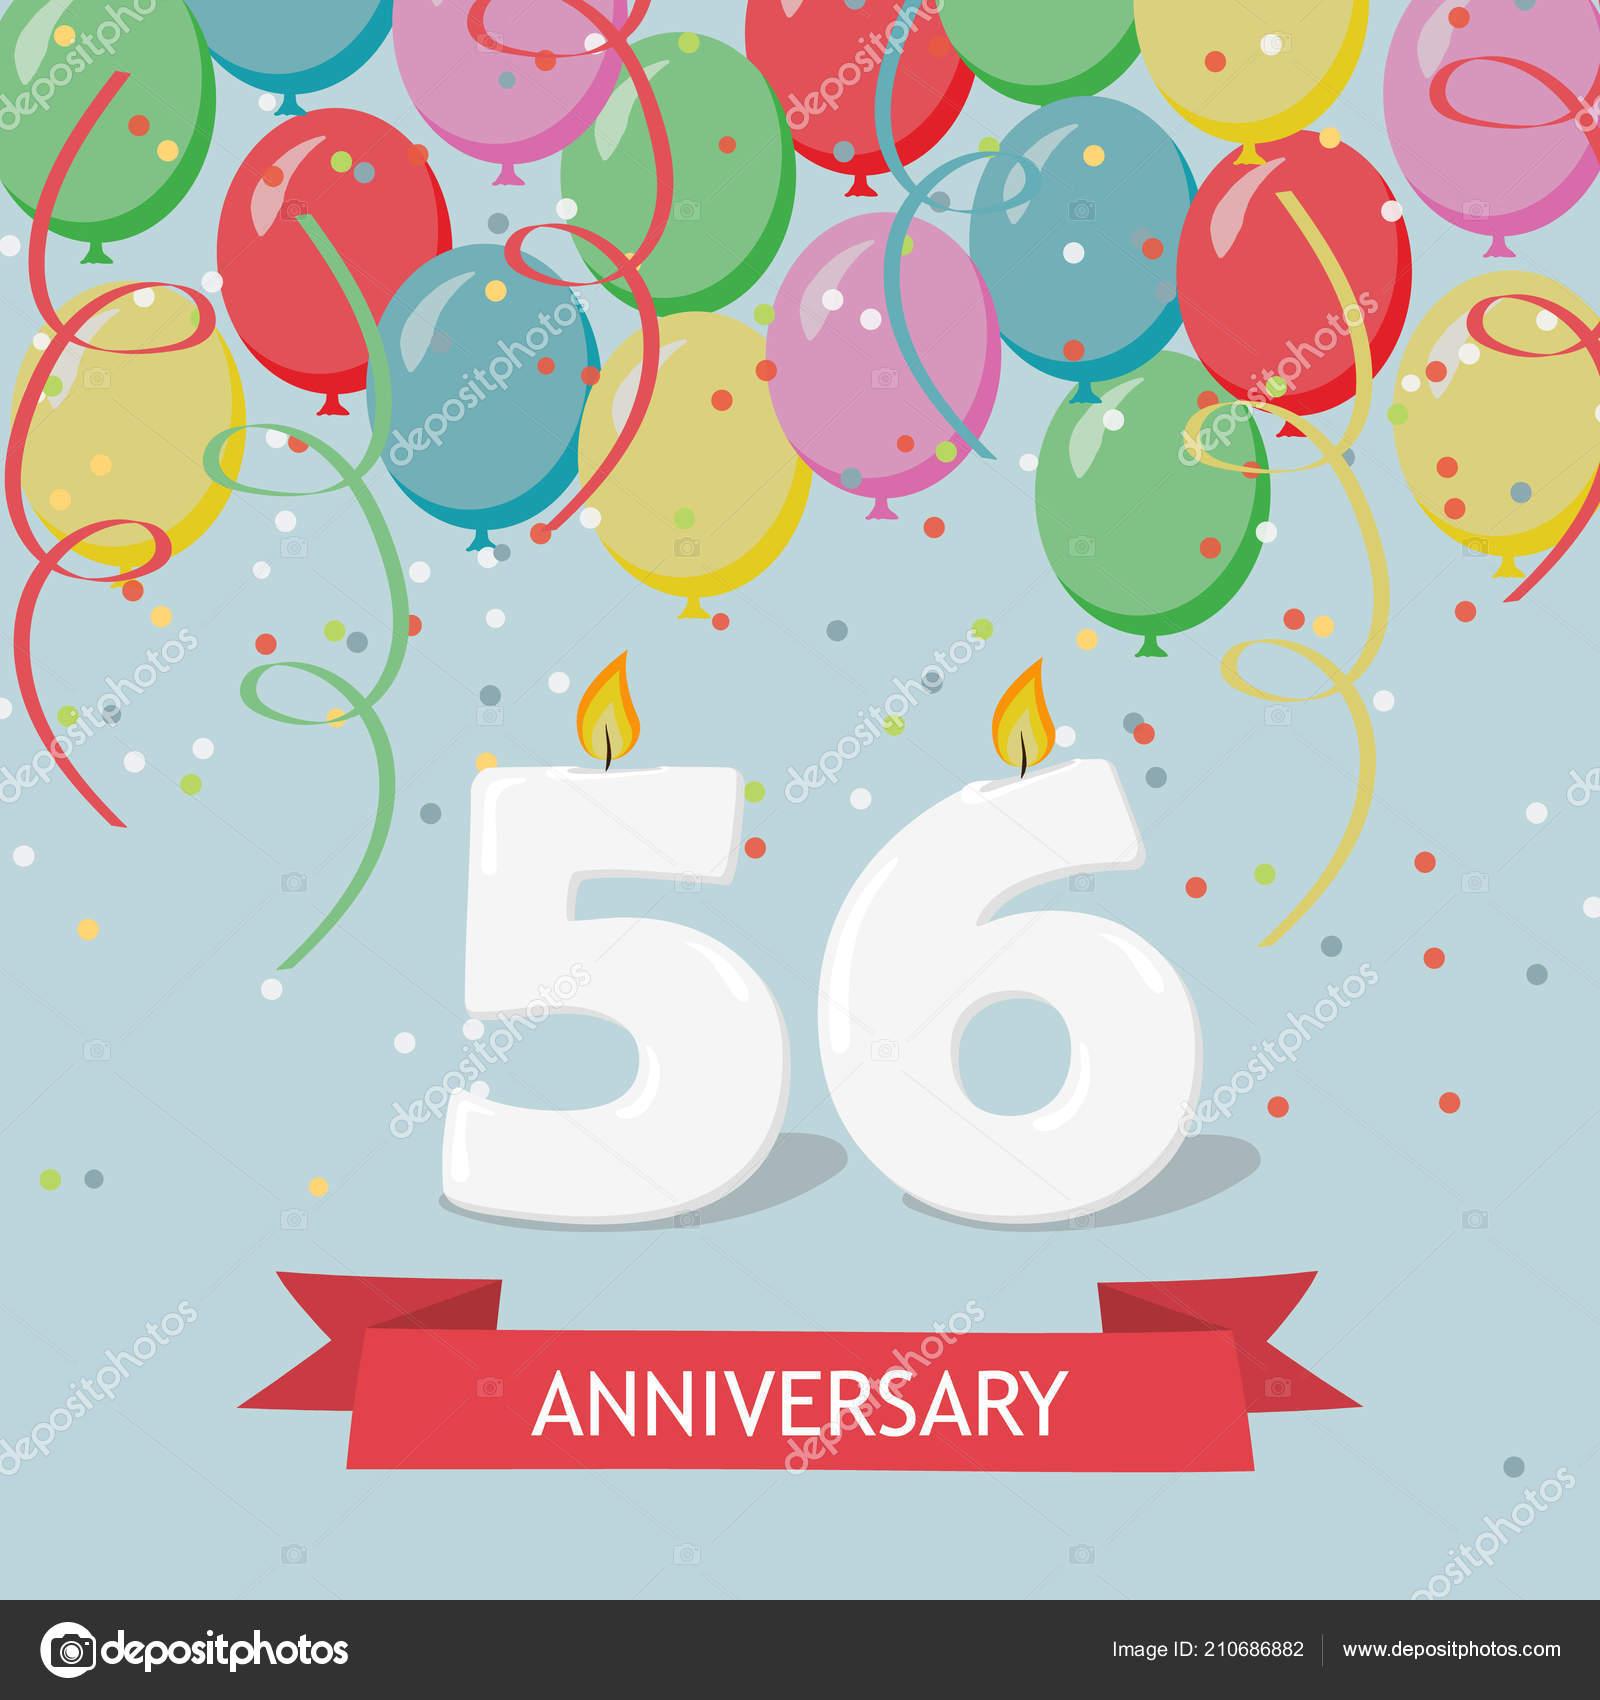 Verjaardag 56.Jaar Selebration Gelukkige Verjaardag Wenskaart Met Kaarsen